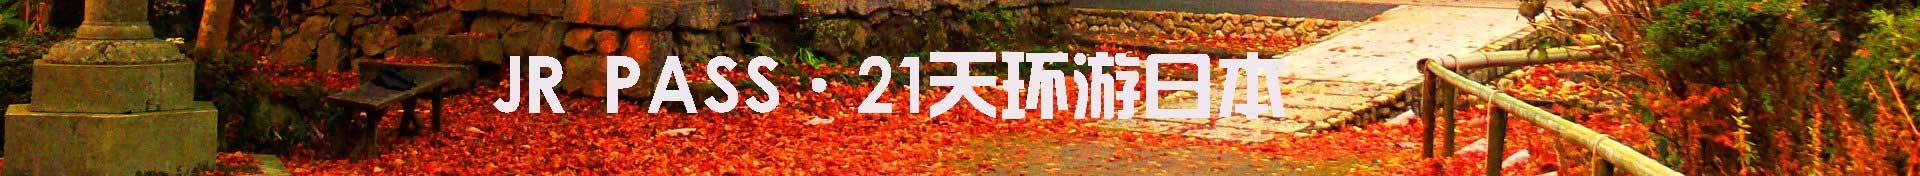 JR PASS只需21天环游日本